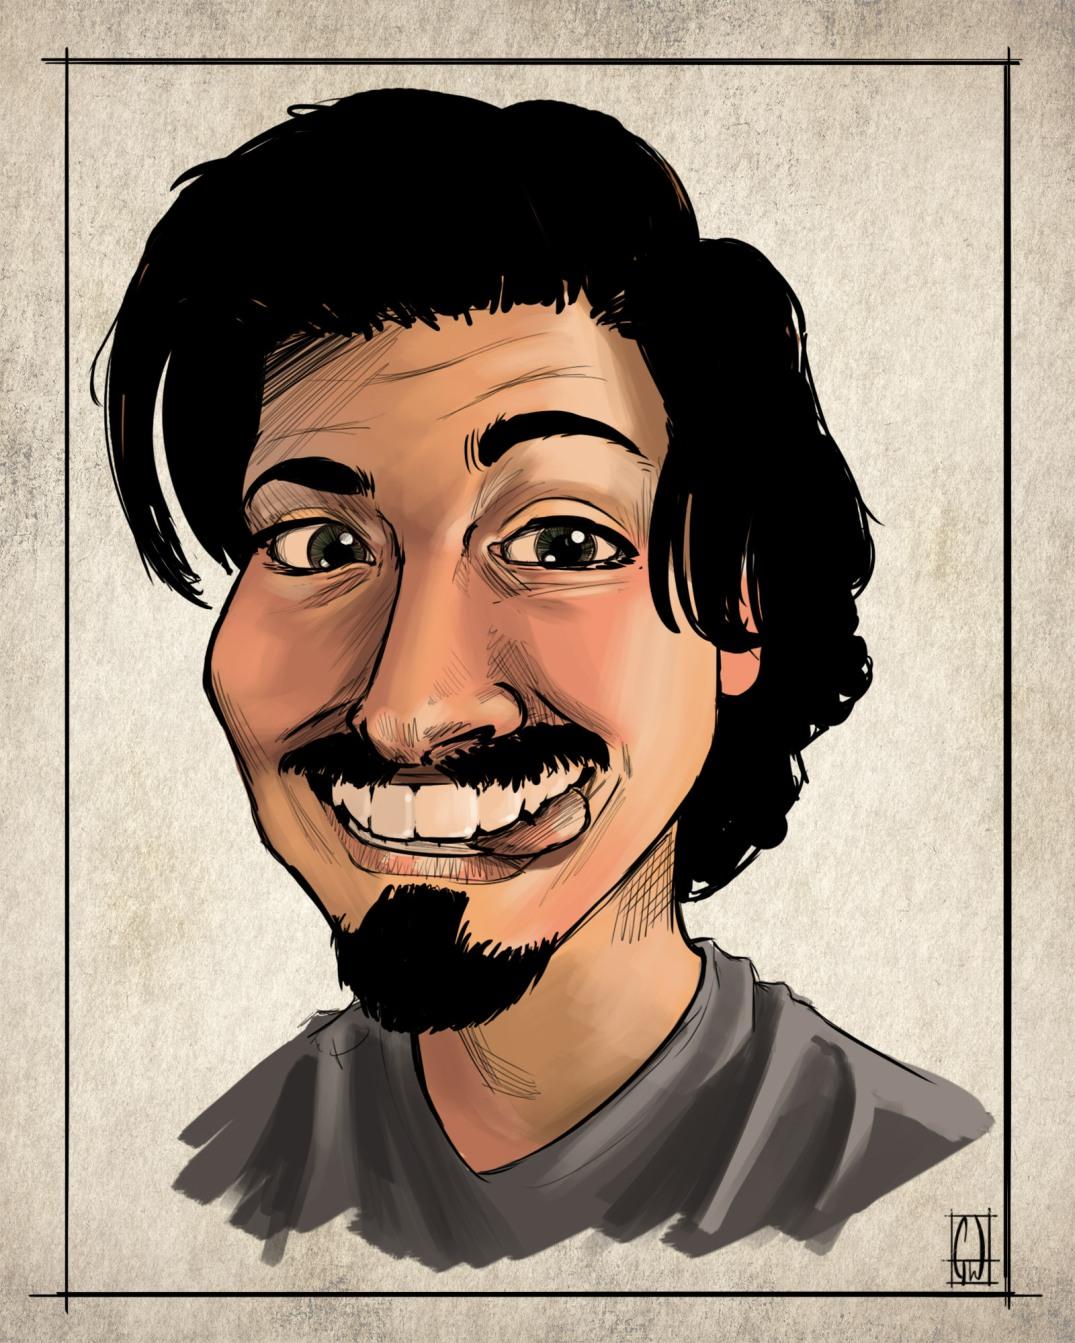 caricatureme